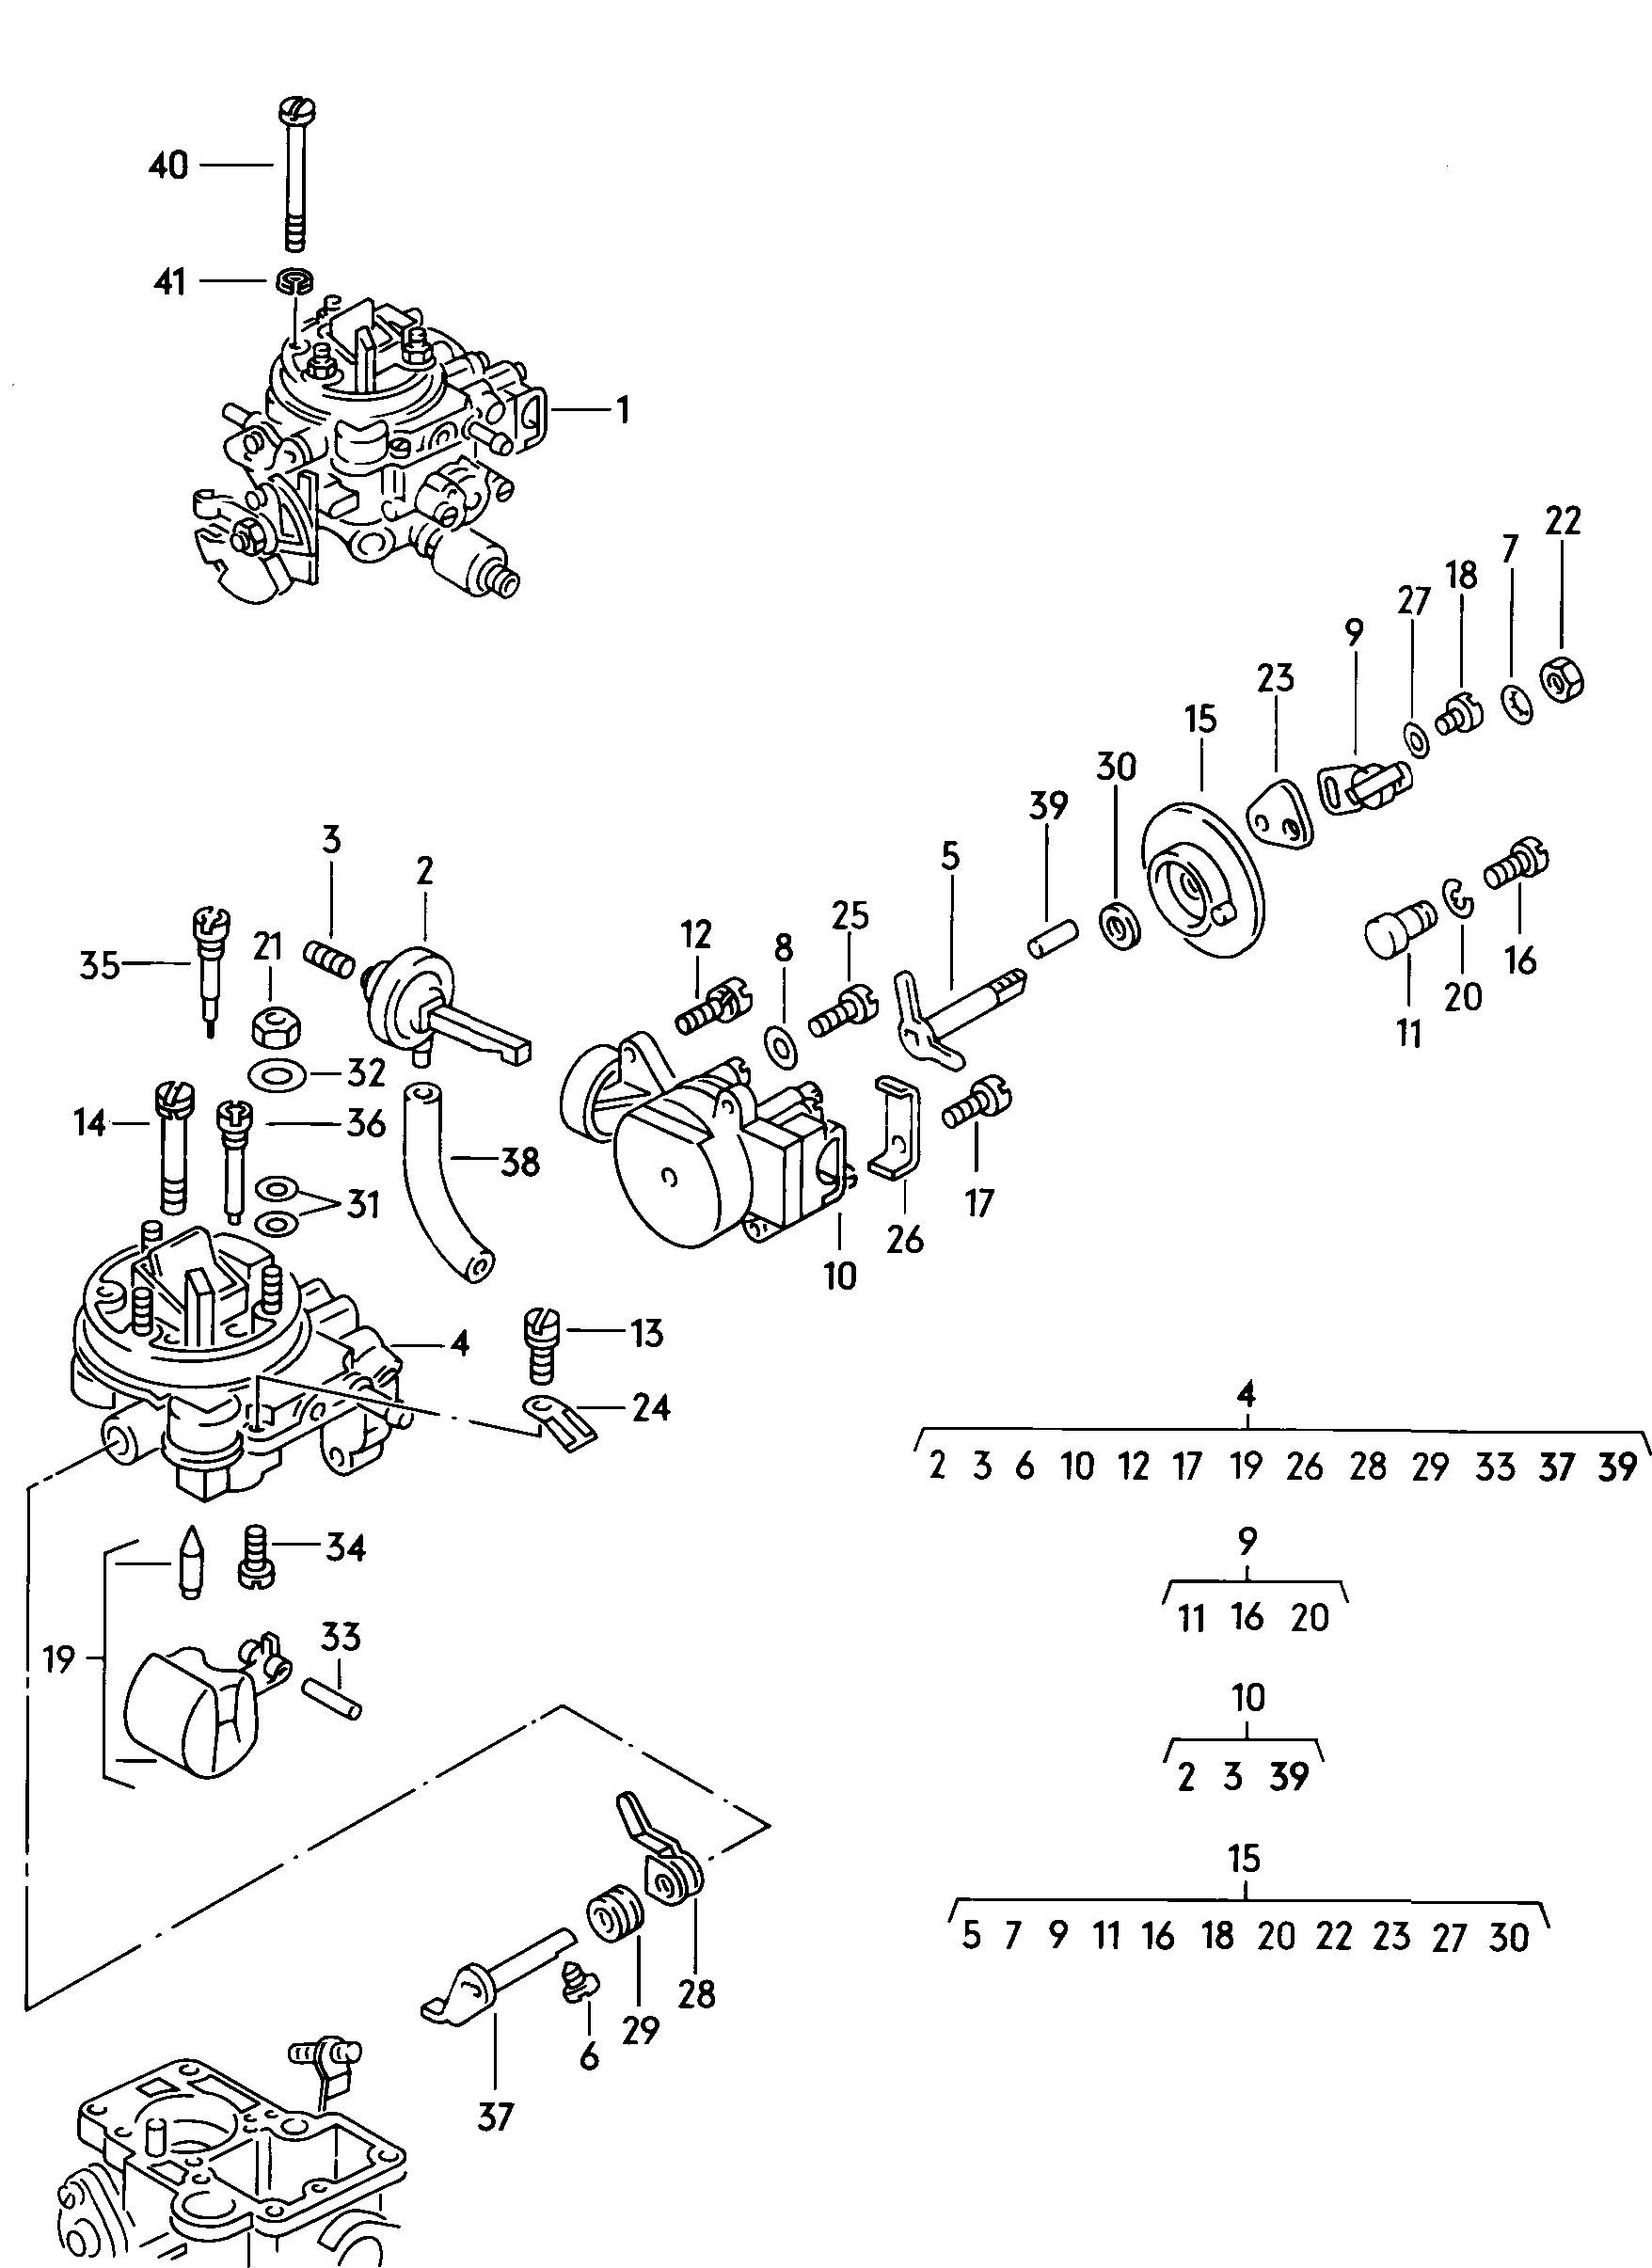 jeep 3.6 engine, audi 3.6 engine, saturn 3.6 engine, on vw pat 3 6 engine diagram